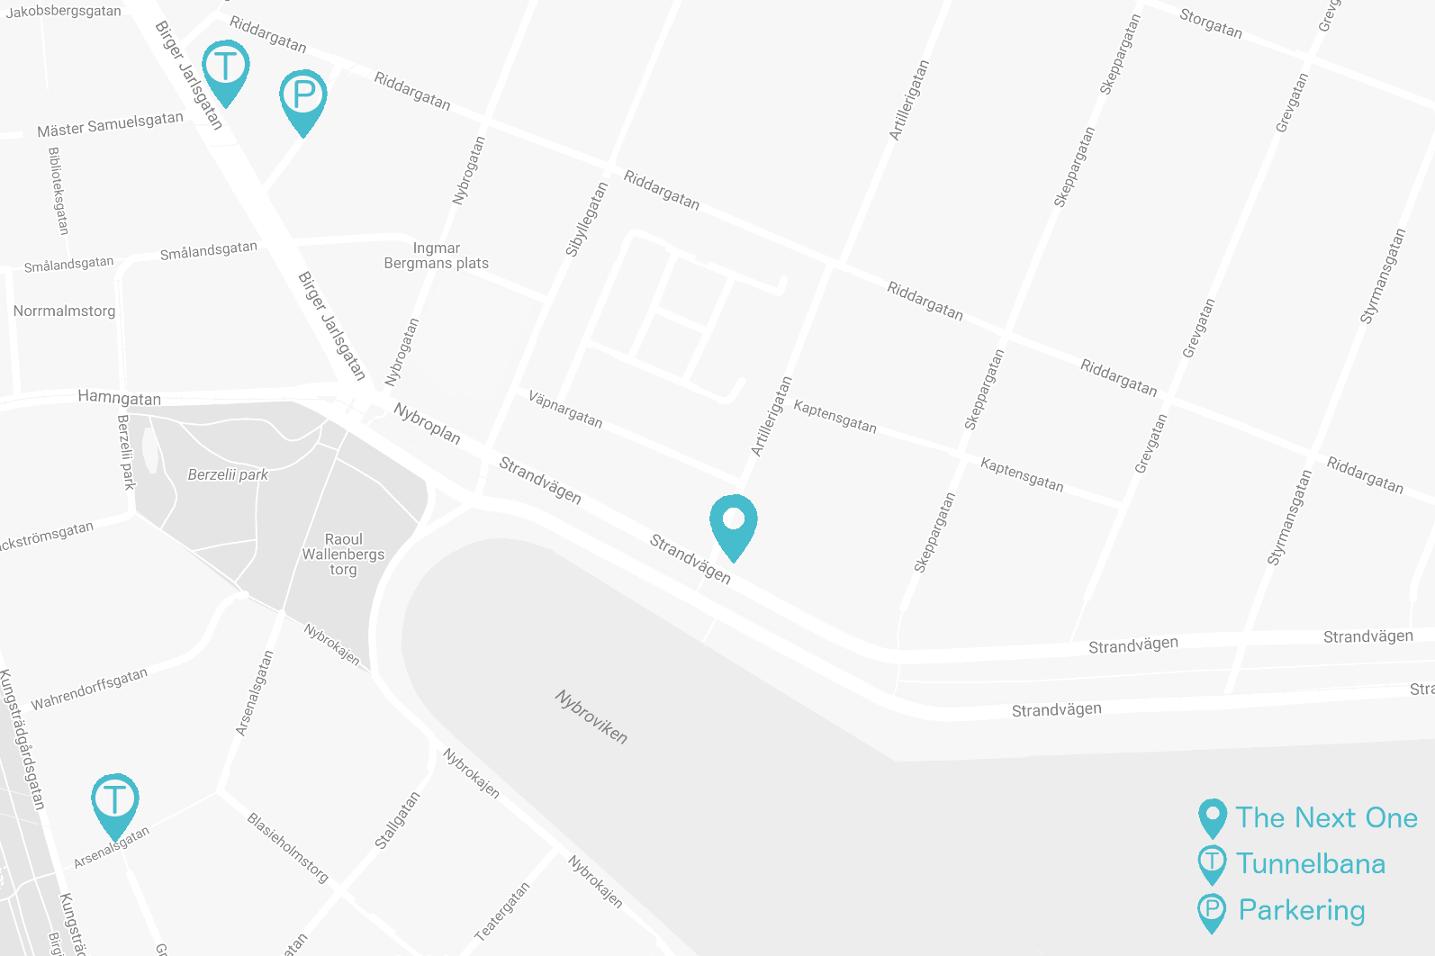 Strandvägen 7A, 114 56 Stockholm